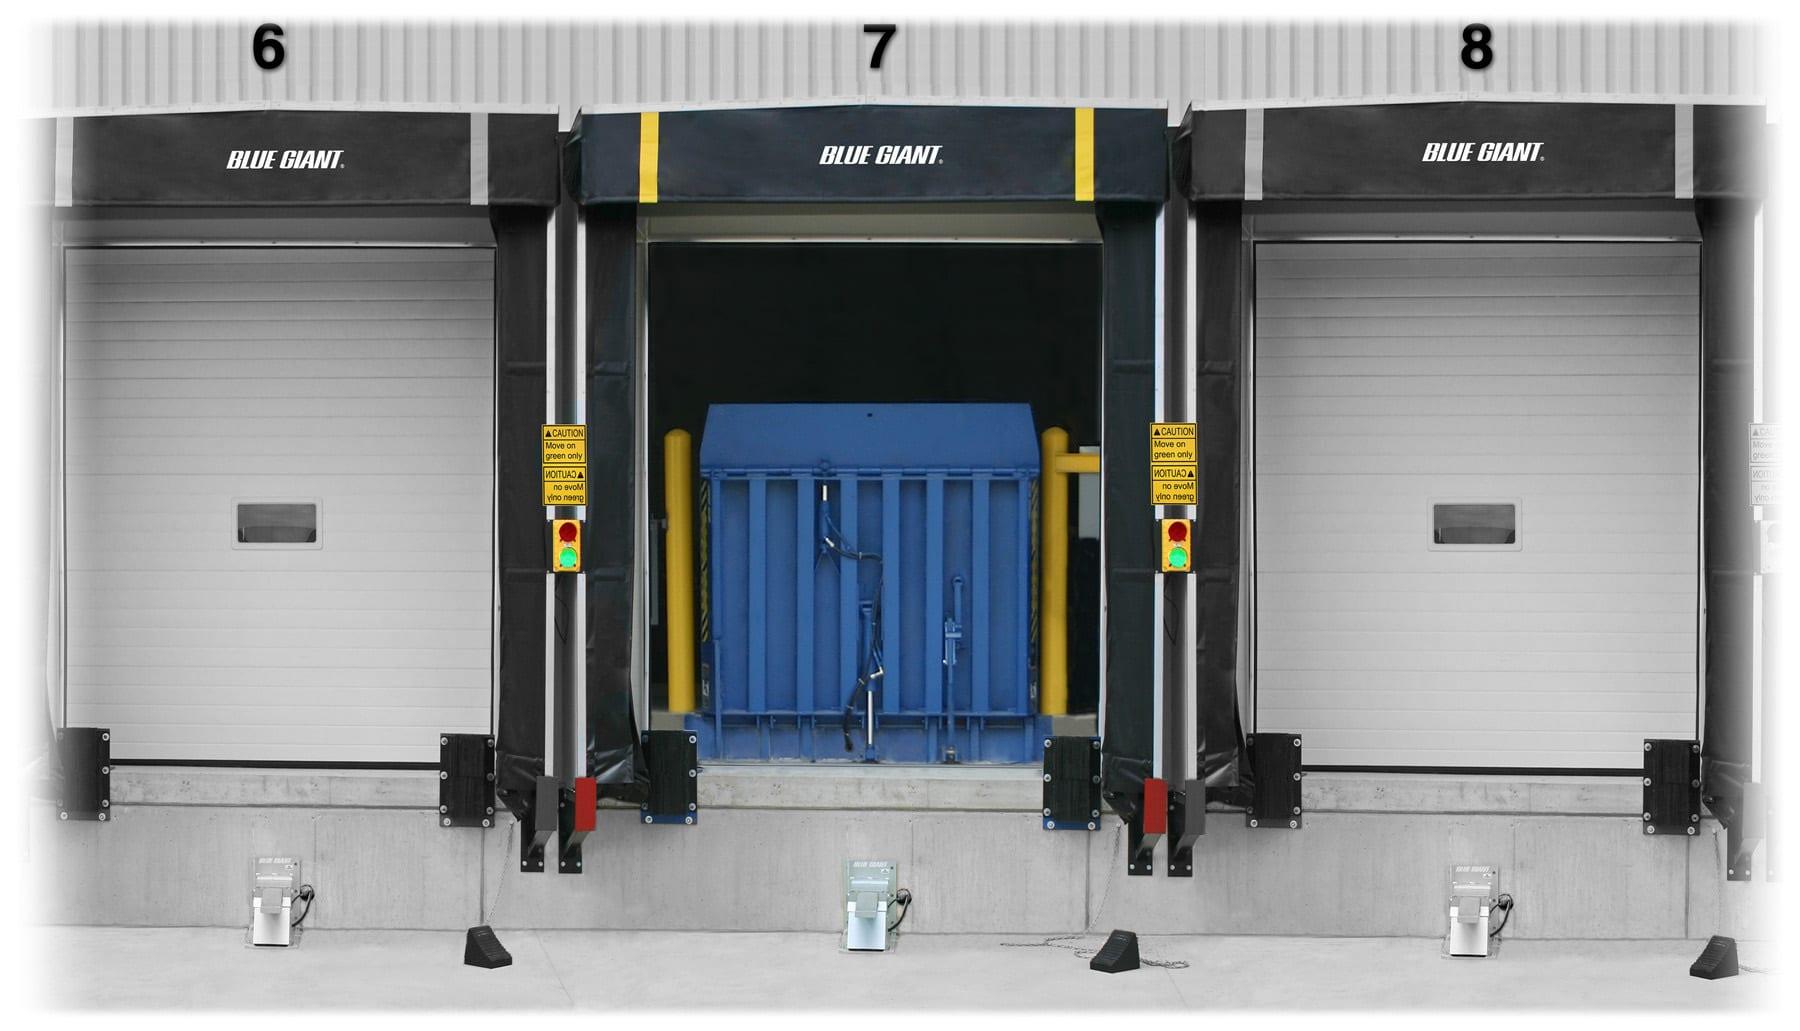 loading dock equipment dock levelers dock lifts seals Loading Dock Levelers Electric dock equipment2 loading dock equipment